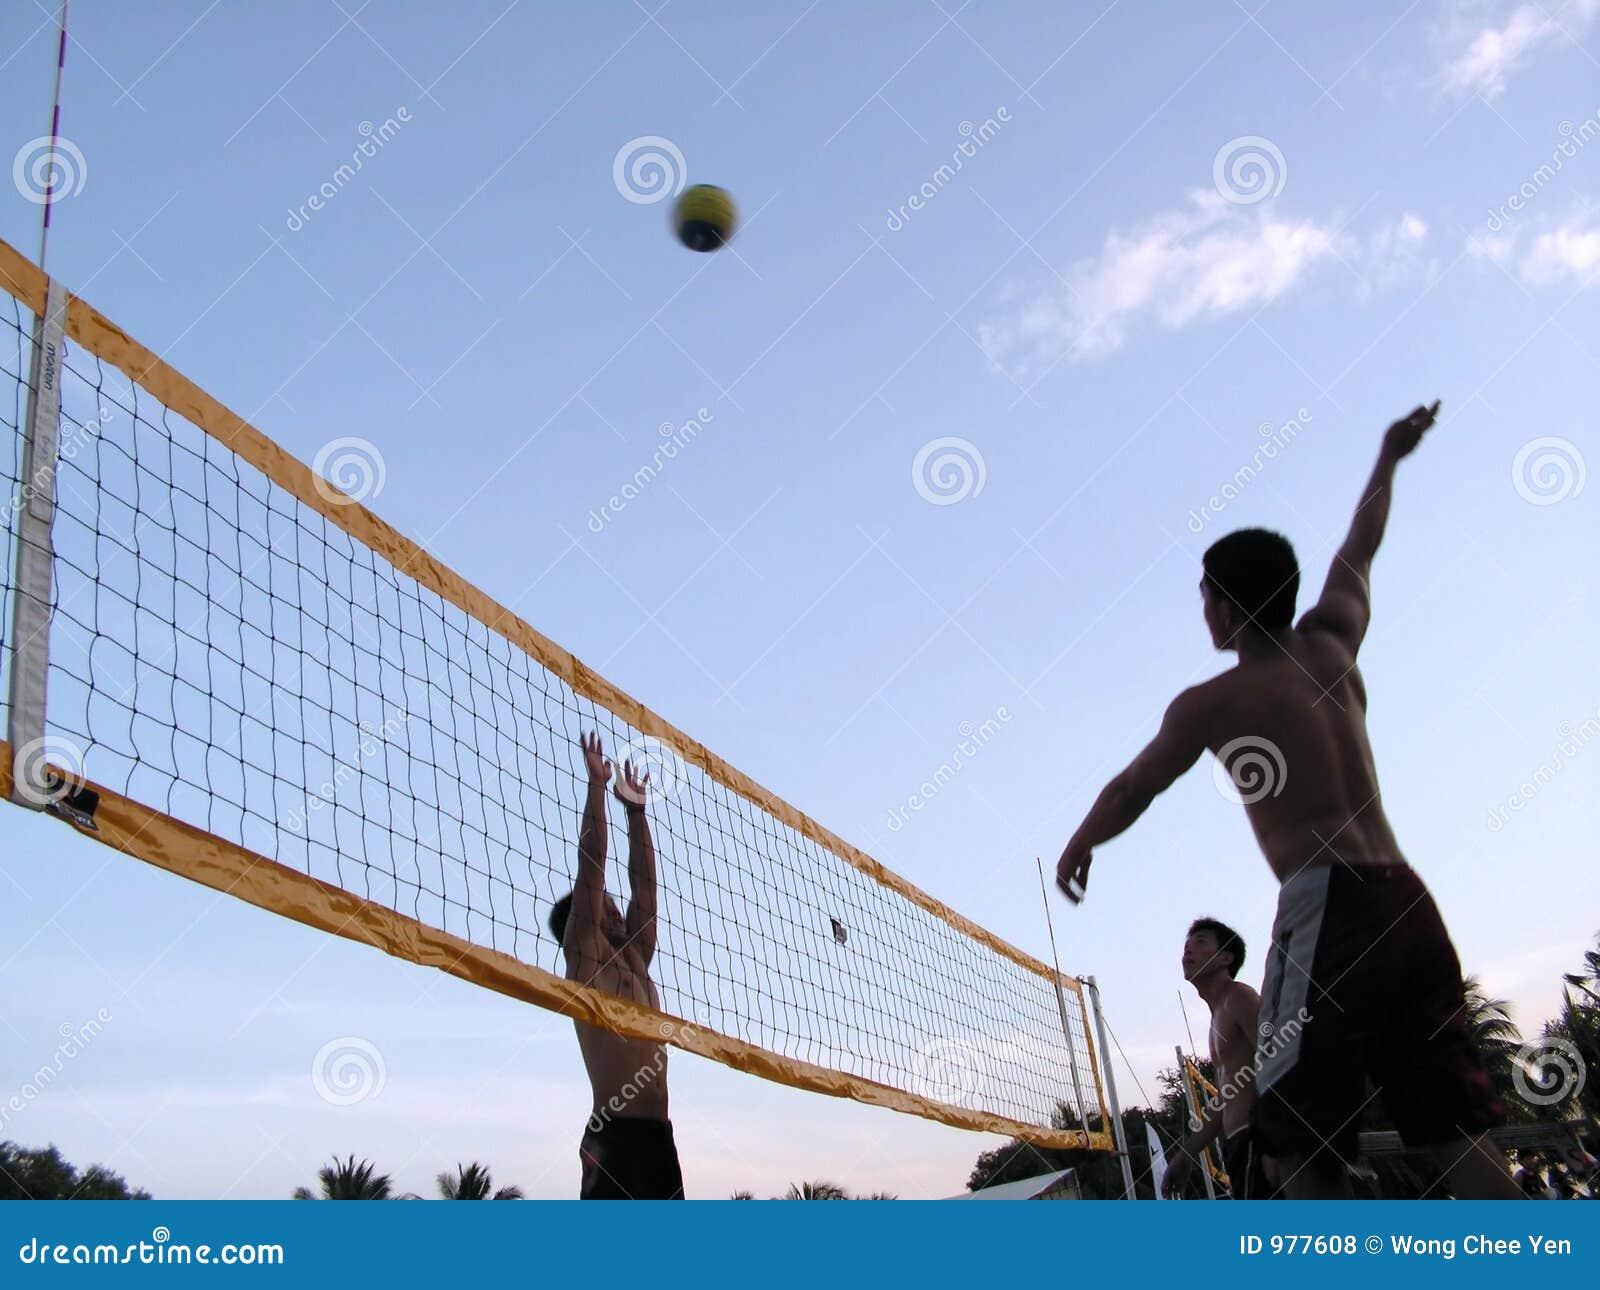 Volleyball an der Sonnenuntergangdämmerung